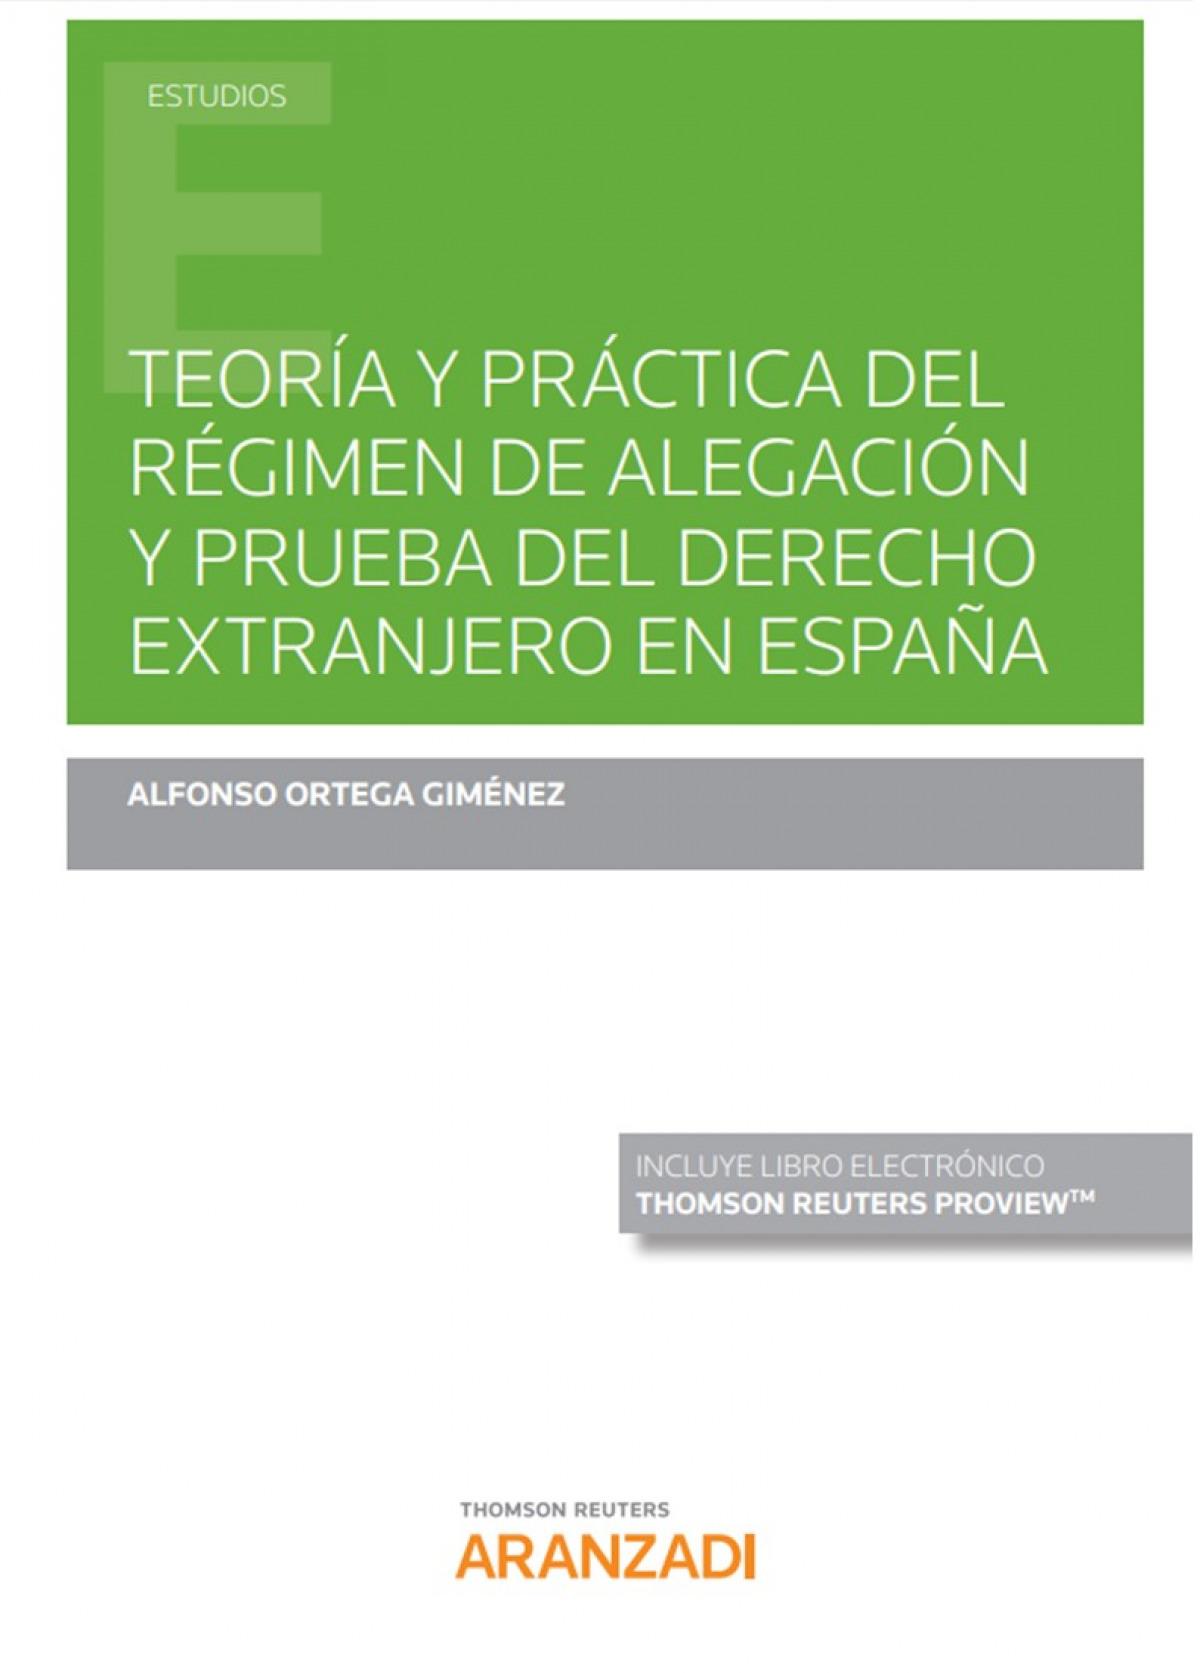 Teoría y práctica del régimen de alegación y prueba del derecho extranjero en Es